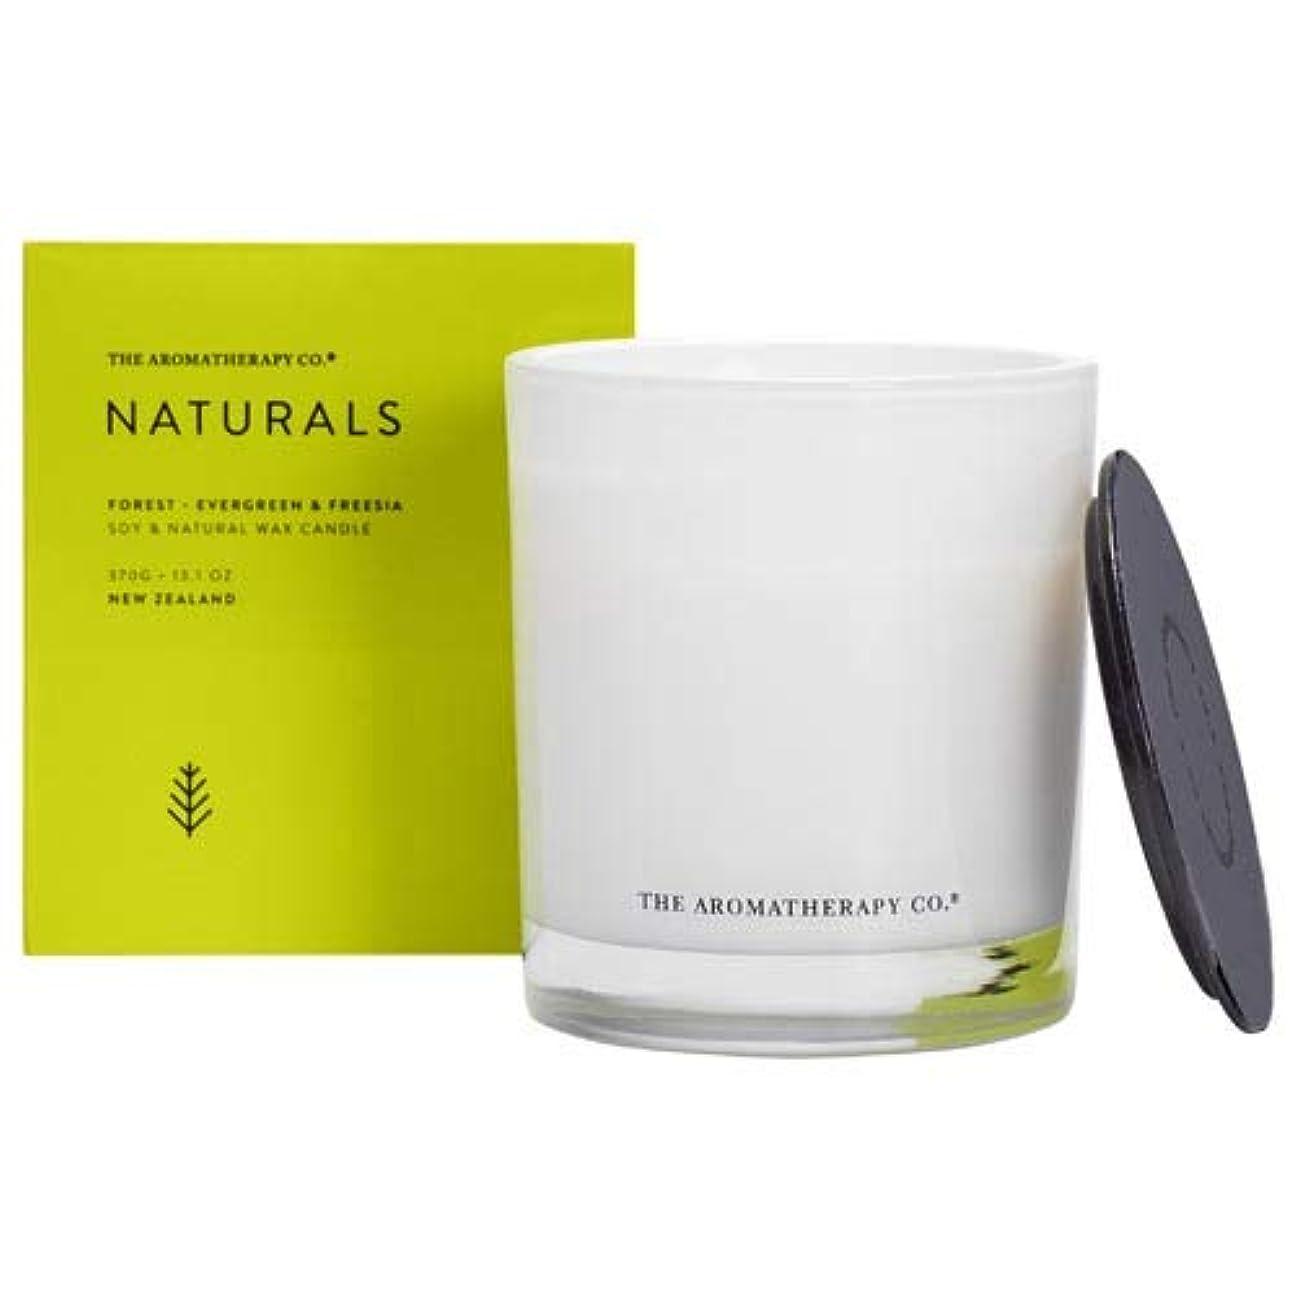 結晶パーティション削除するアロマセラピーカンパニー(Aromatherapy Company) new NATURALS ナチュラルズ Candle キャンドル Forest フォレスト(森林) Evergreen & Freesia エバーグリーン&フリージア